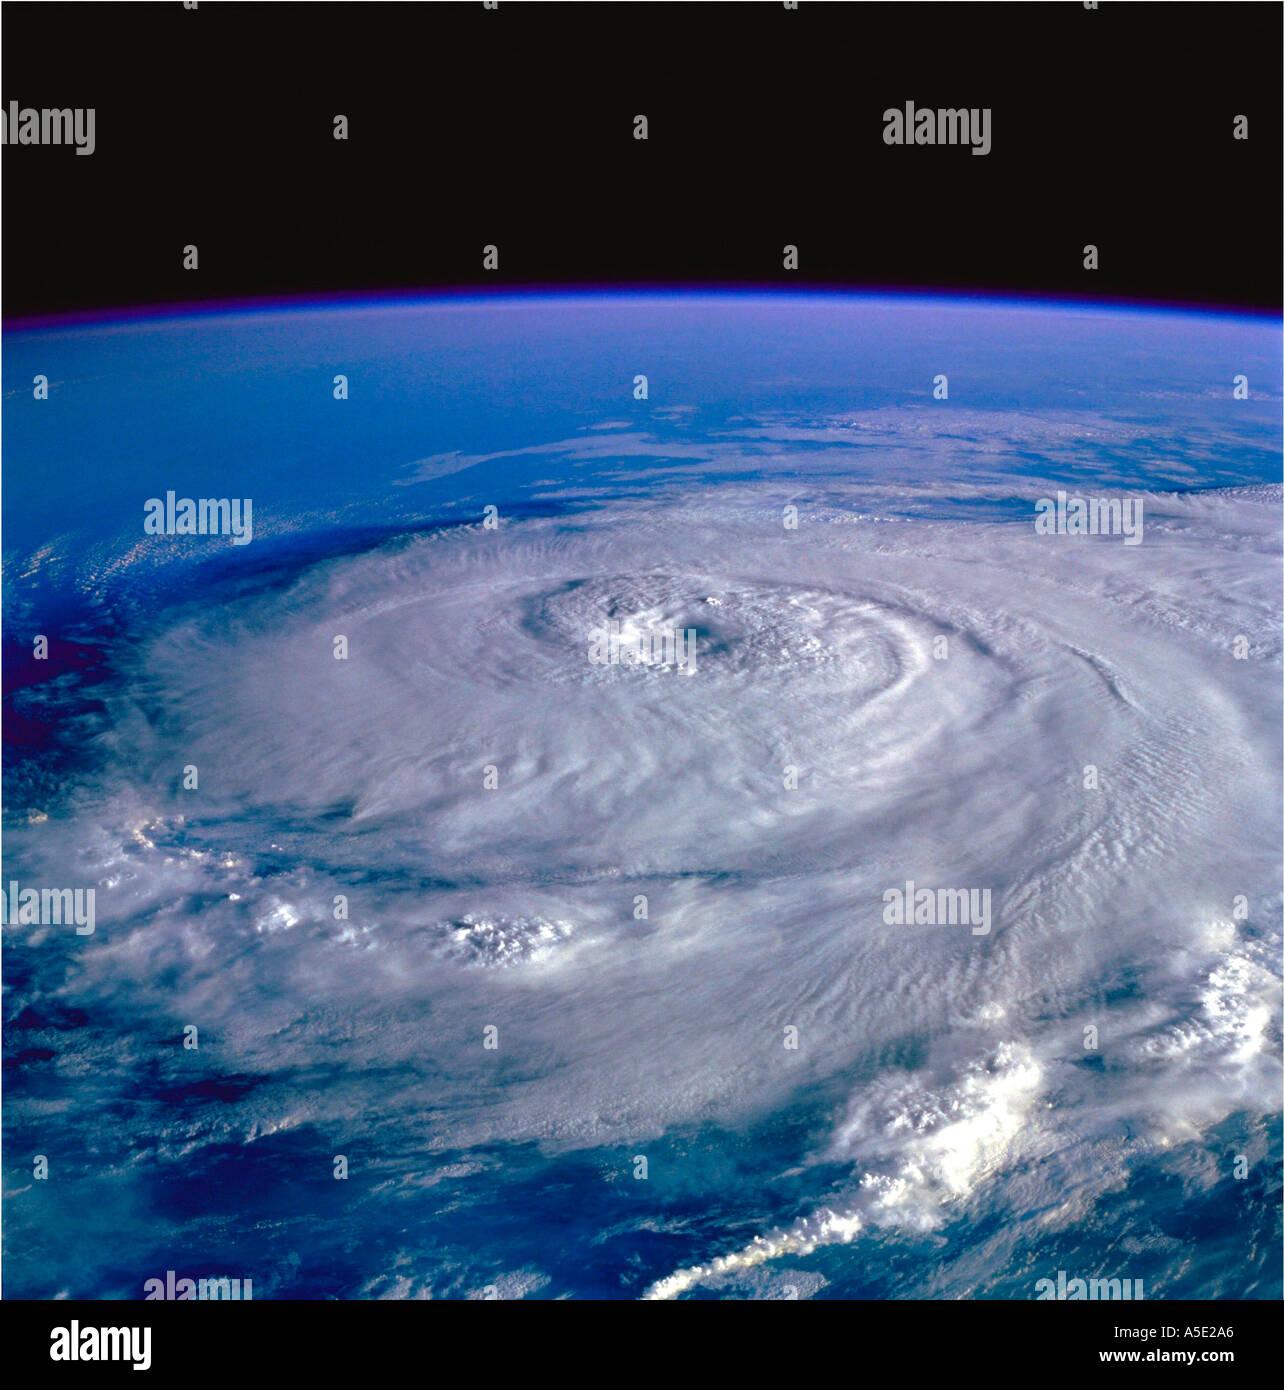 Satellitenbild des Hurrikans Erde aus dem Weltraum Stockbild